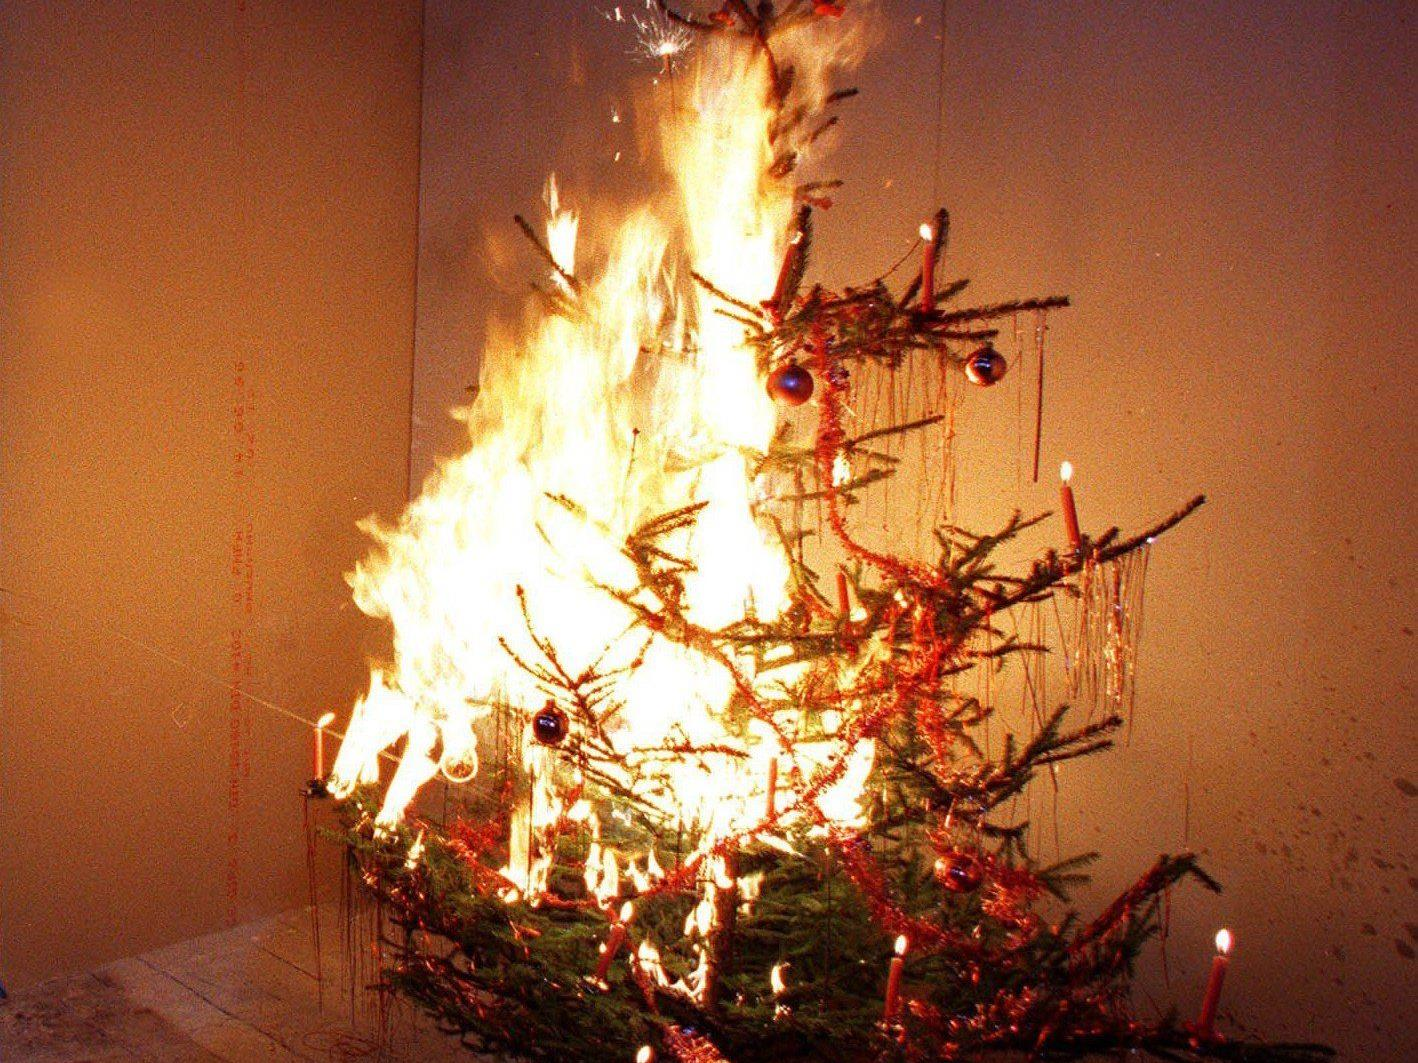 Mann übersteht Wohnungsbrand in Bregenz mit leichten Verbrennungen.